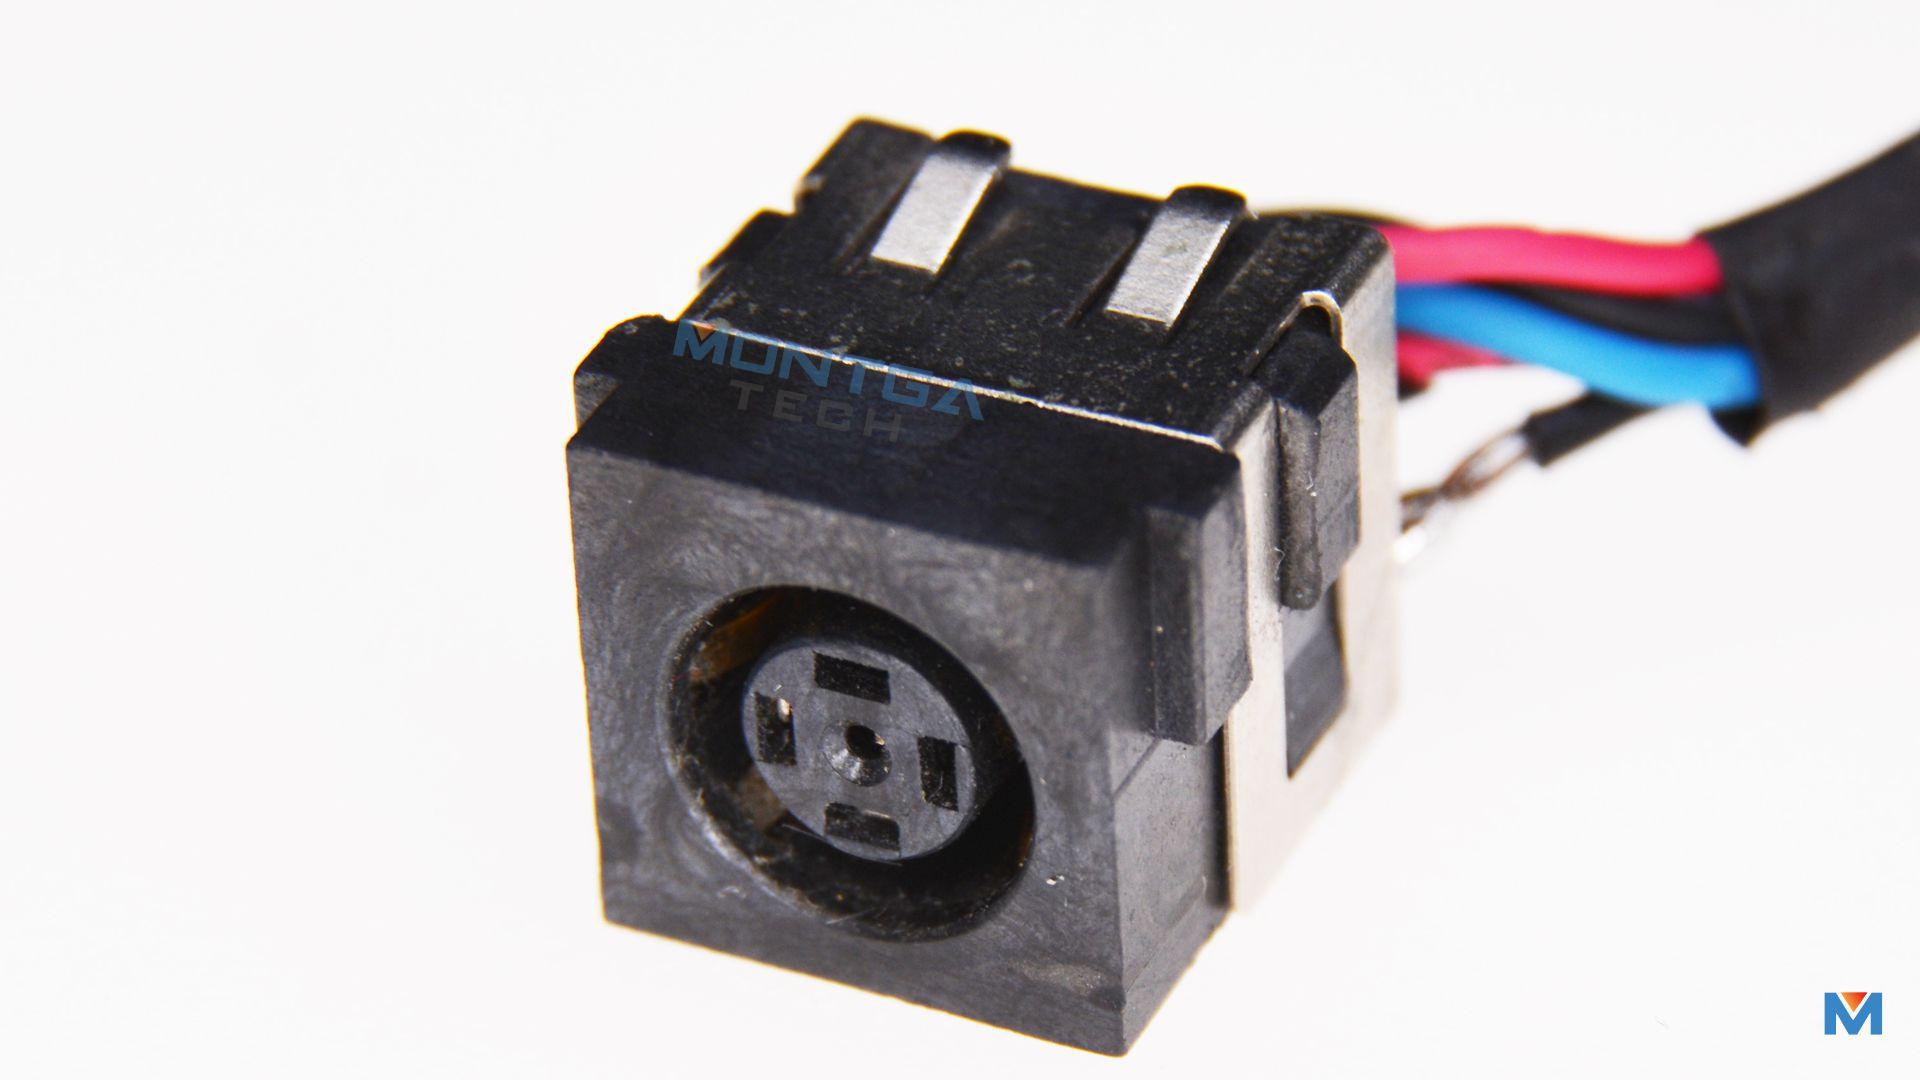 repair charging connector Dell E4300 PP13S, repair DC Power Jack Dell E4300 PP13S, repair DC IN Cable Dell E4300 PP13S, repair Jack socket Dell E4300 PP13S, repair plug Dell E4300 PP13S, repair DC Alimantation Dell E4300 PP13S, replace charging connector Dell E4300 PP13S, replace DC Power Jack Dell E4300 PP13S, replace DC IN Cable Dell E4300 PP13S, replace Jack socket Dell E4300 PP13S, replace plug Dell E4300 PP13S, replace DC Alimantation Dell E4300 PP13S,